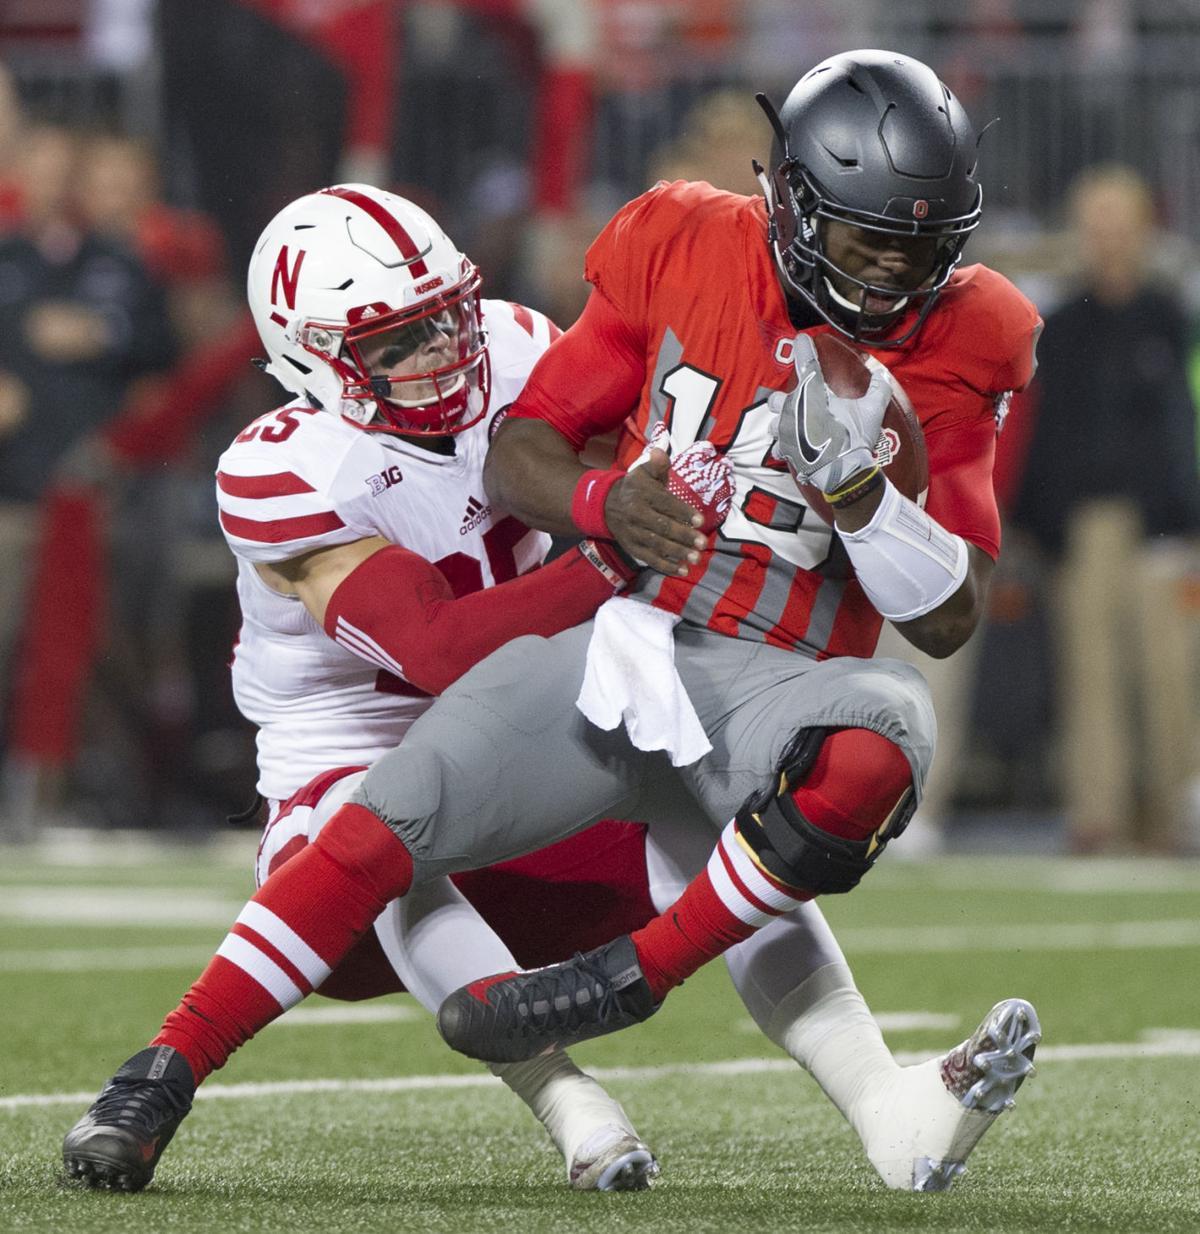 Nebraska vs. Ohio State, 11/5